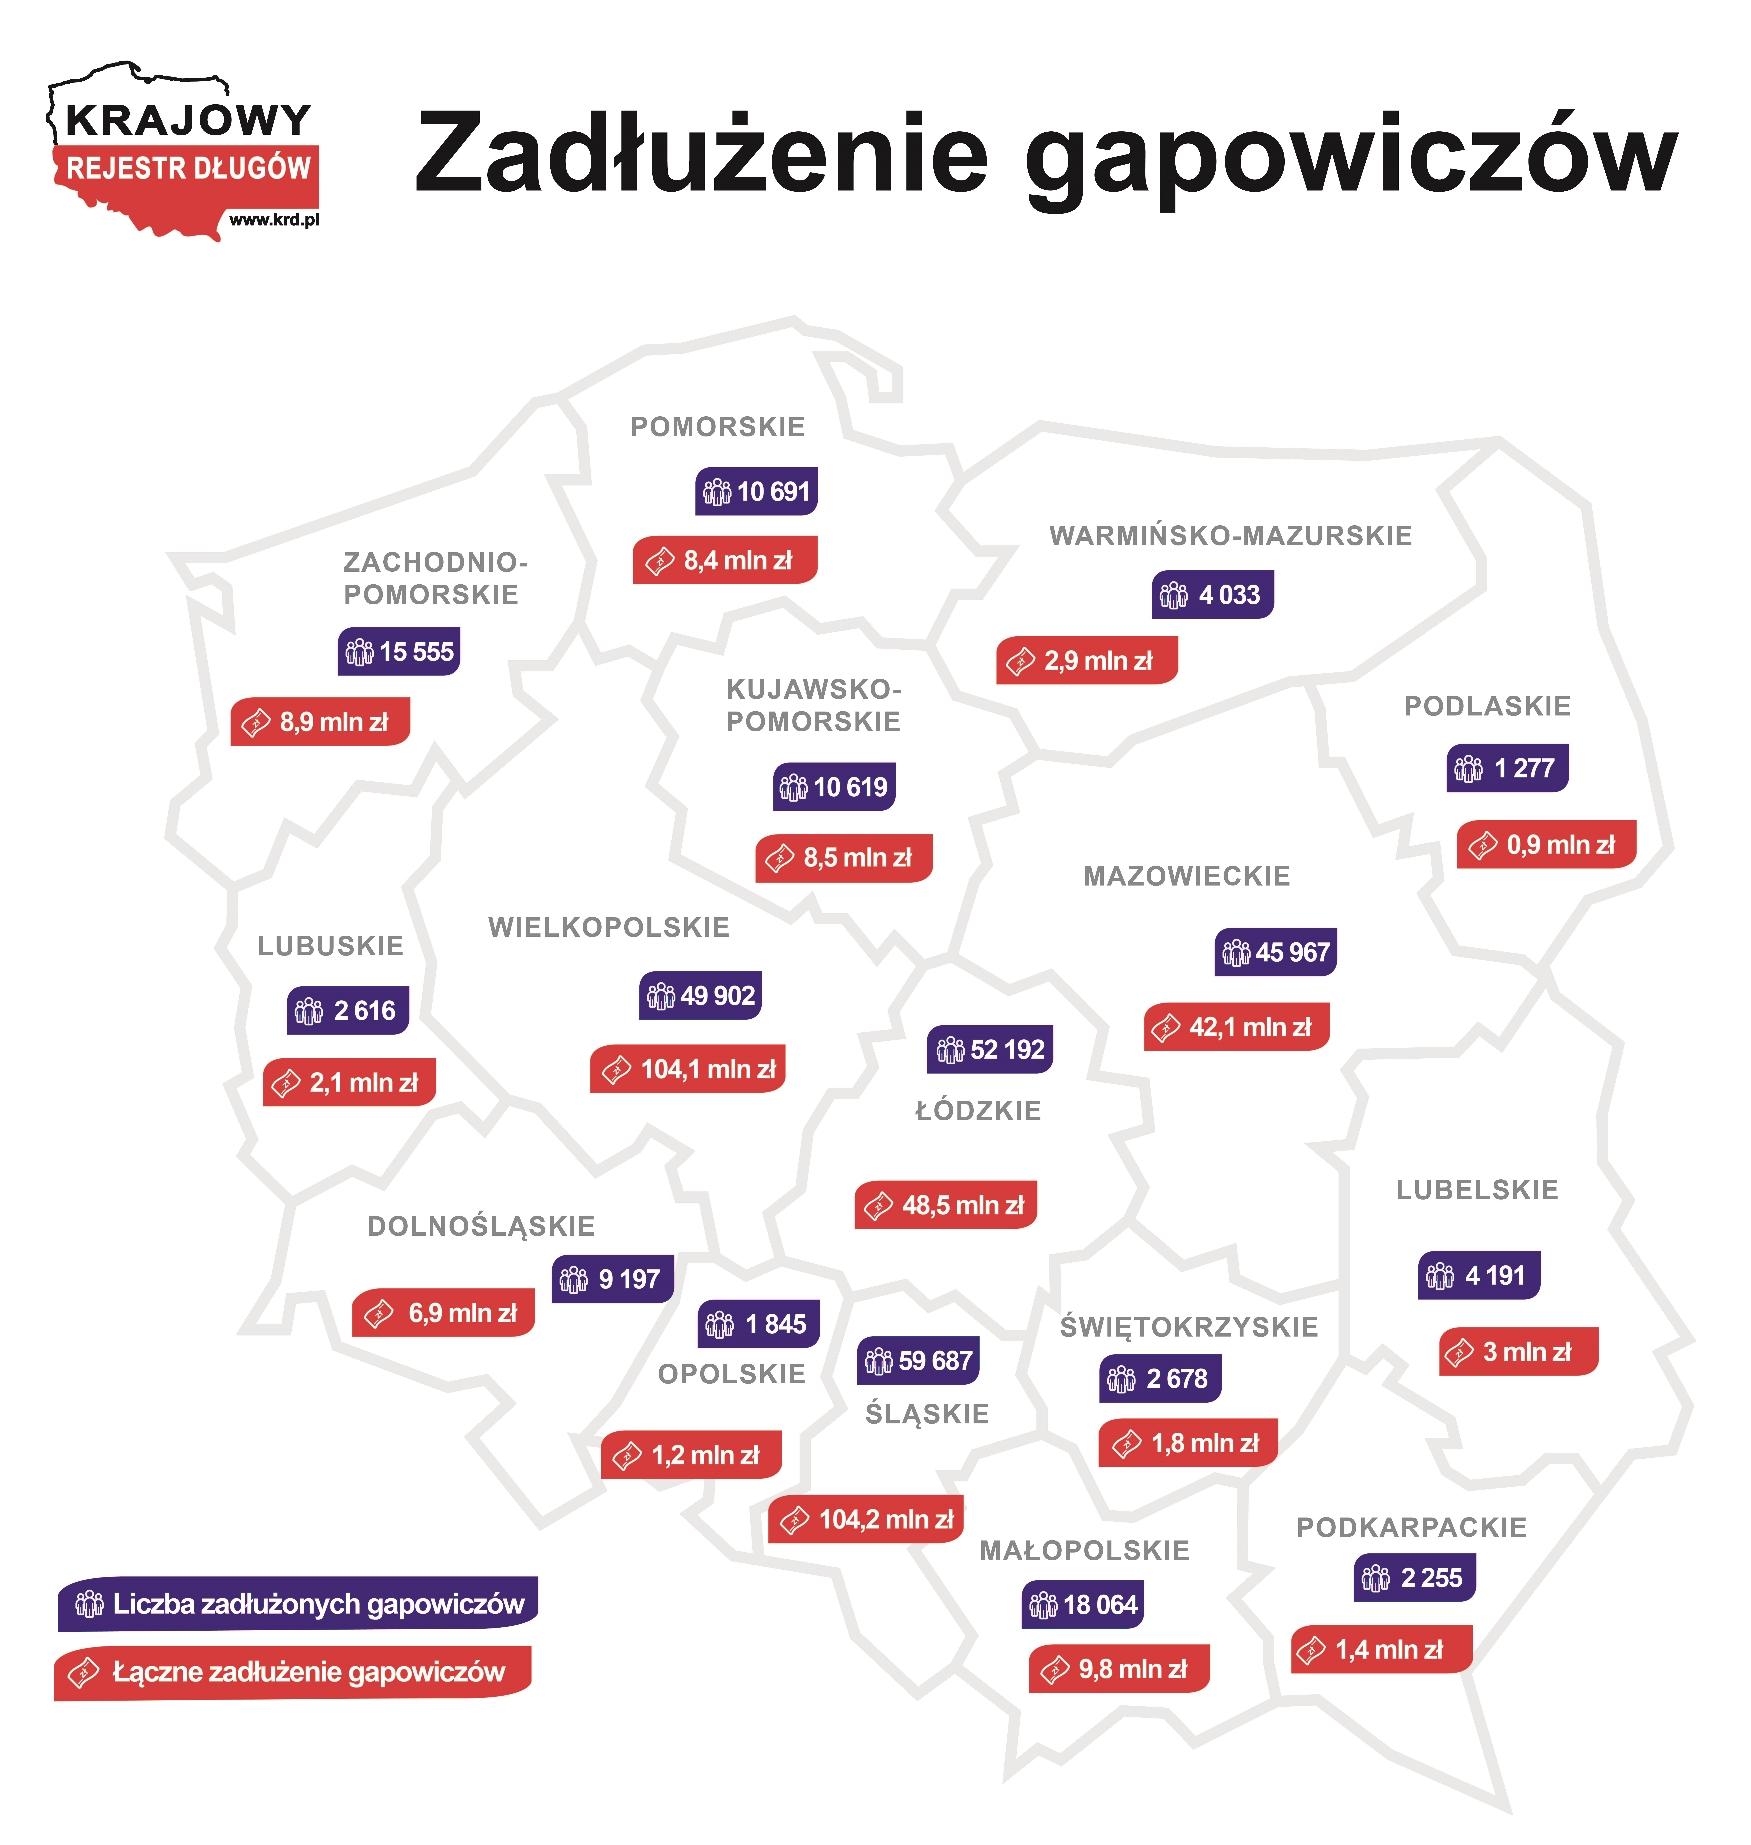 Zadłużenie gapowiczów - mapa